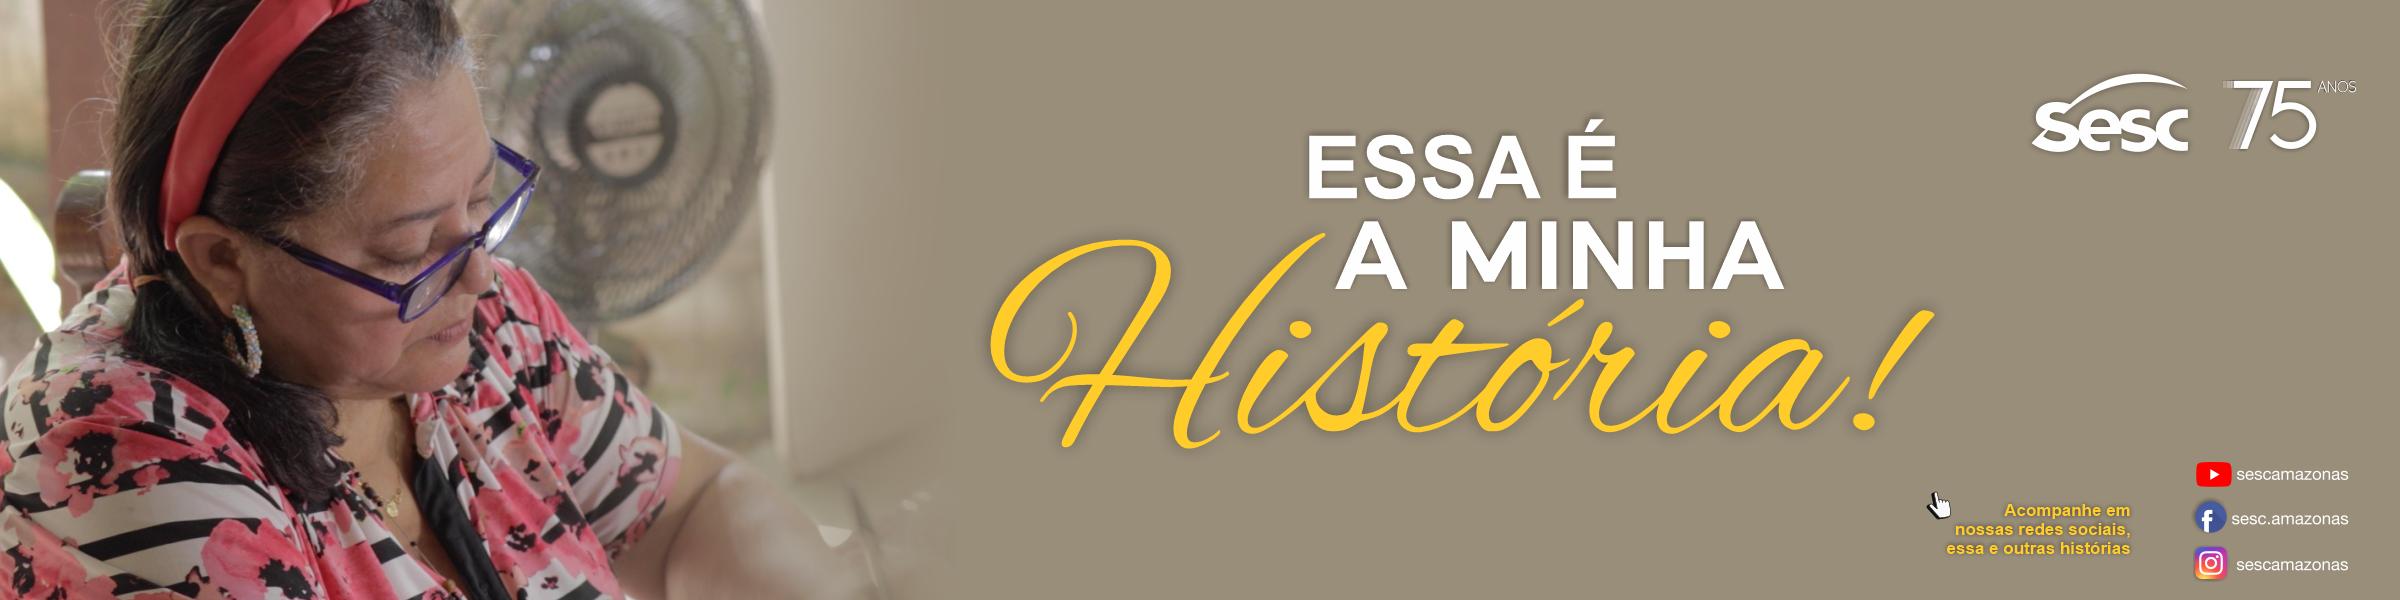 #EssaéaMinhaHistória – Conheça a história de Lina Freitas e o reencontro os estudos